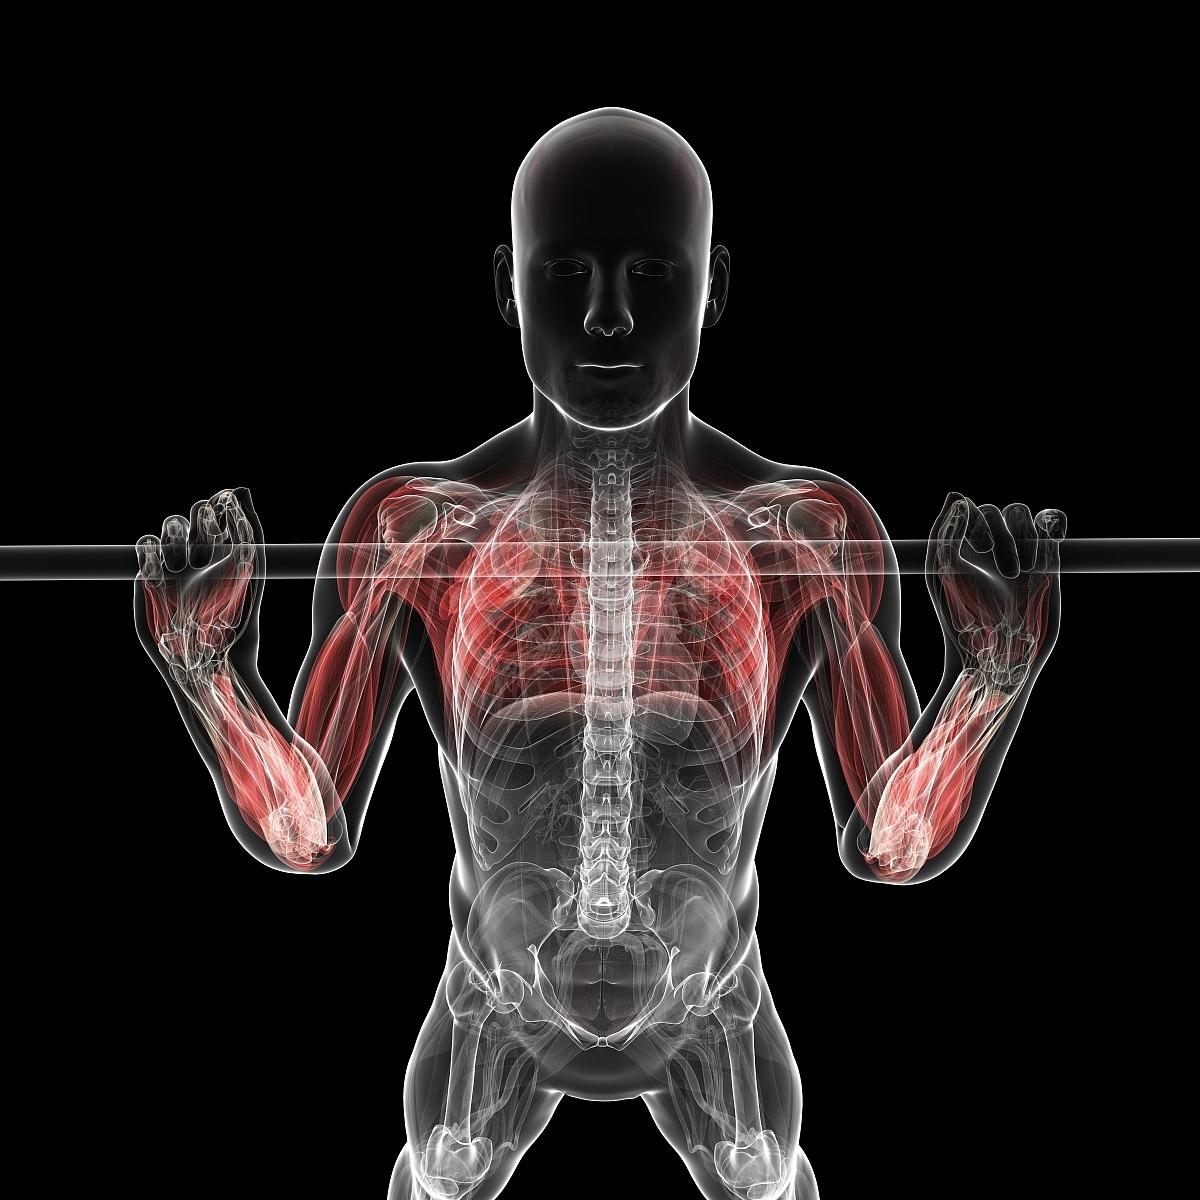 肌肉_健康保健,运动,水平画幅,正面视角,计算机制图,负重物,躯干,人类肌肉